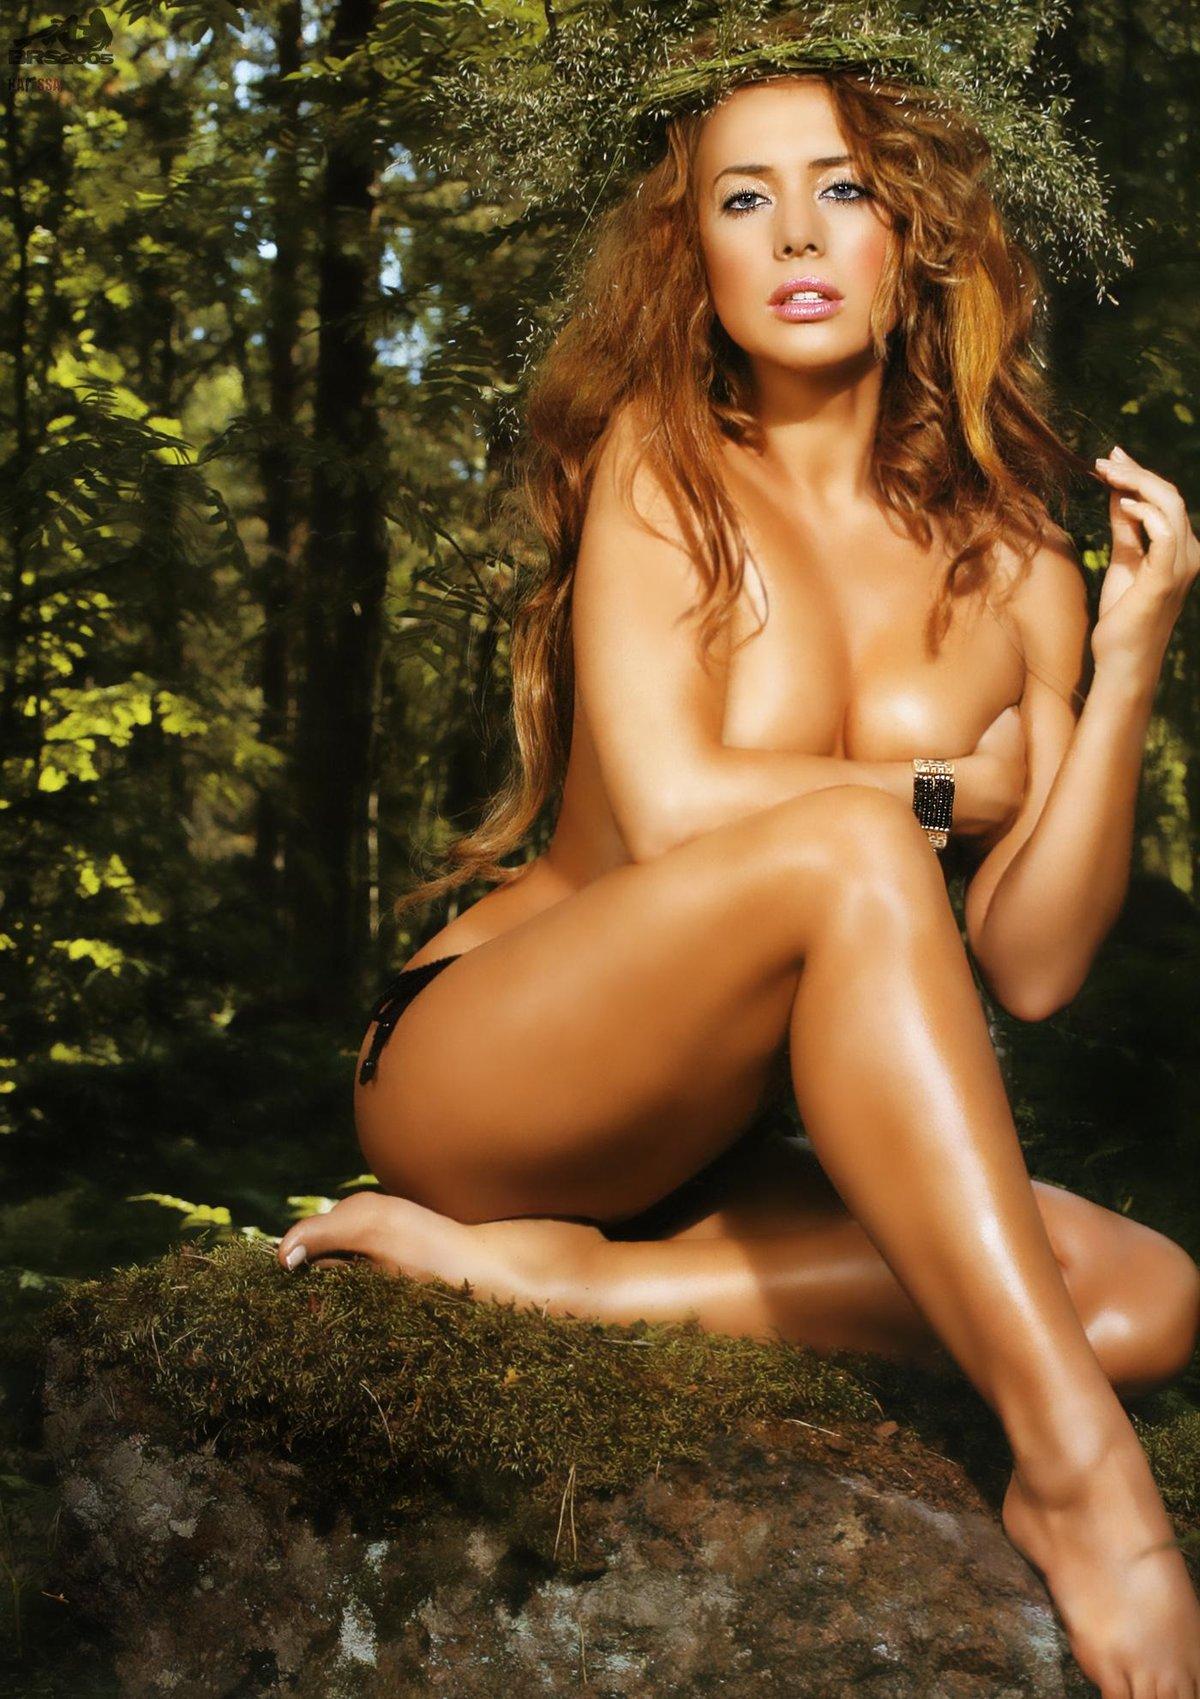 smotret-erotiku-zvezd-foto-uzkie-popki-porno-video